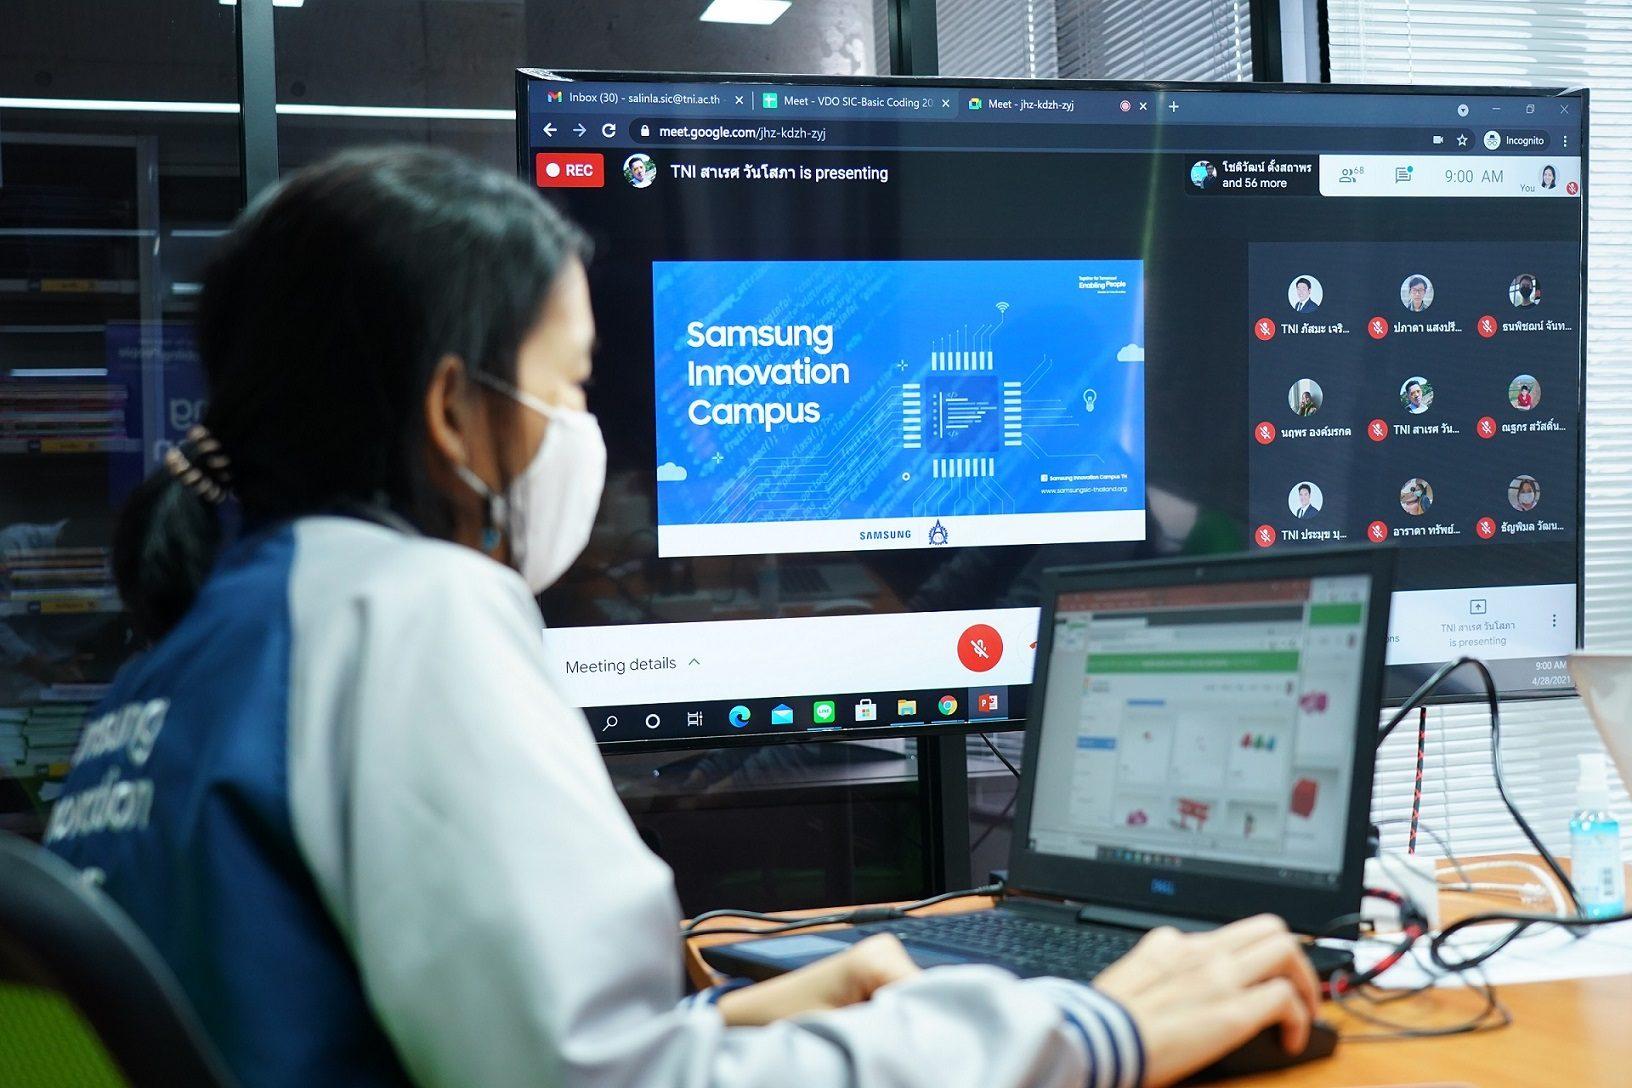 เริ่มแล้ว! Samsung Innovation Campus 2021 คอร์สอบรมโค้ดดิ้งออนไลน์สุดเข้มข้น